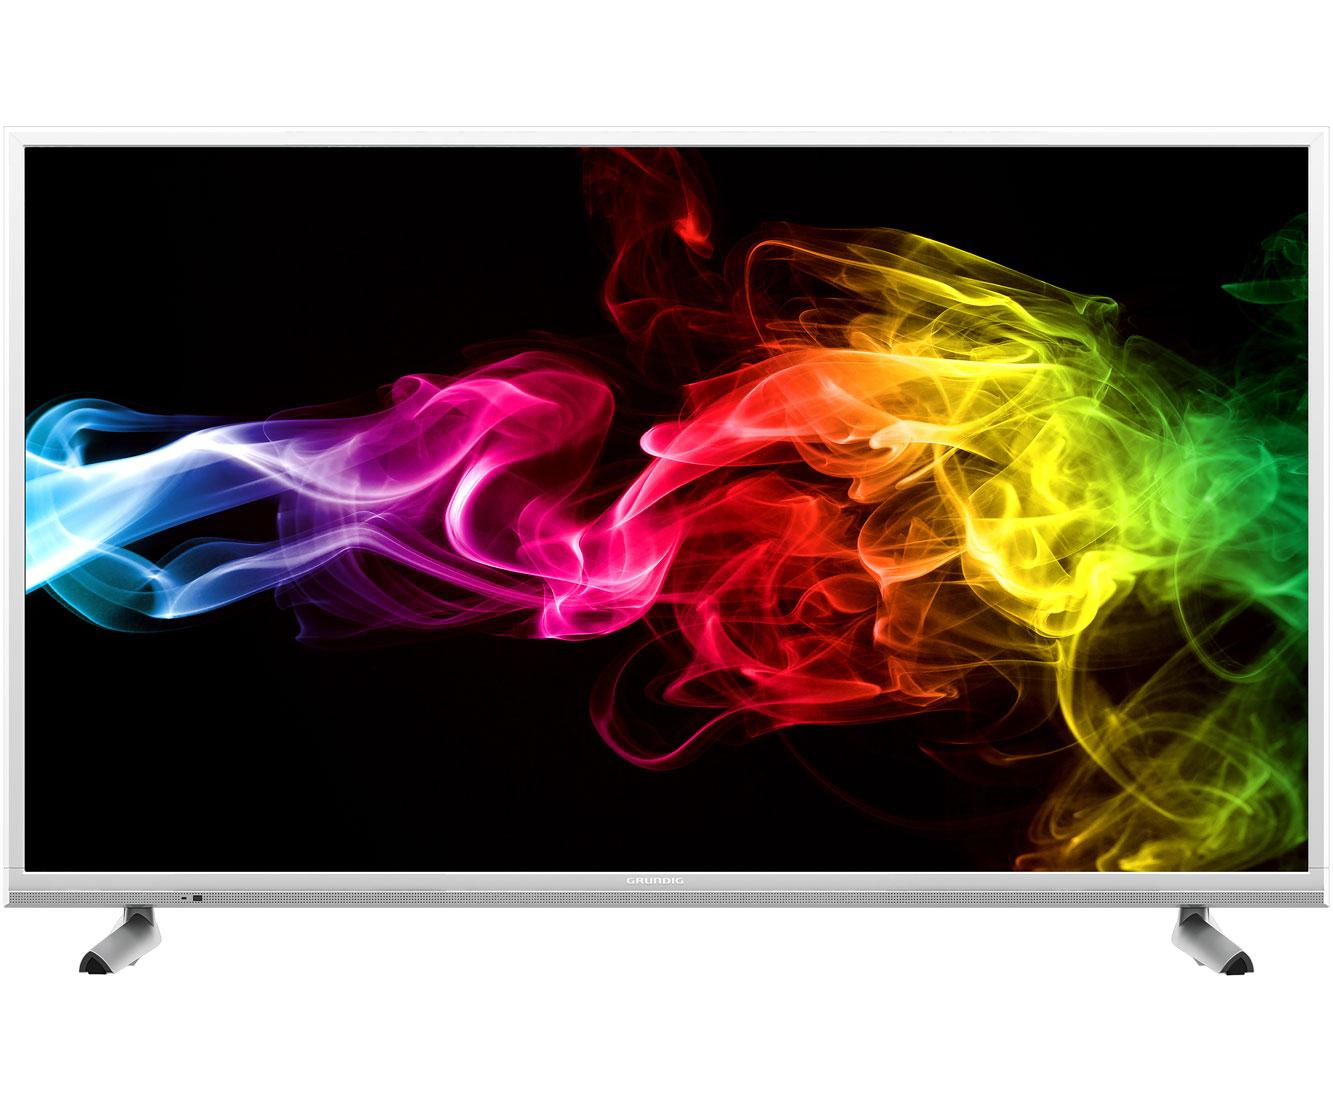 Grundig Vision 8 65 GUW 8960 Fernseher - Weiß